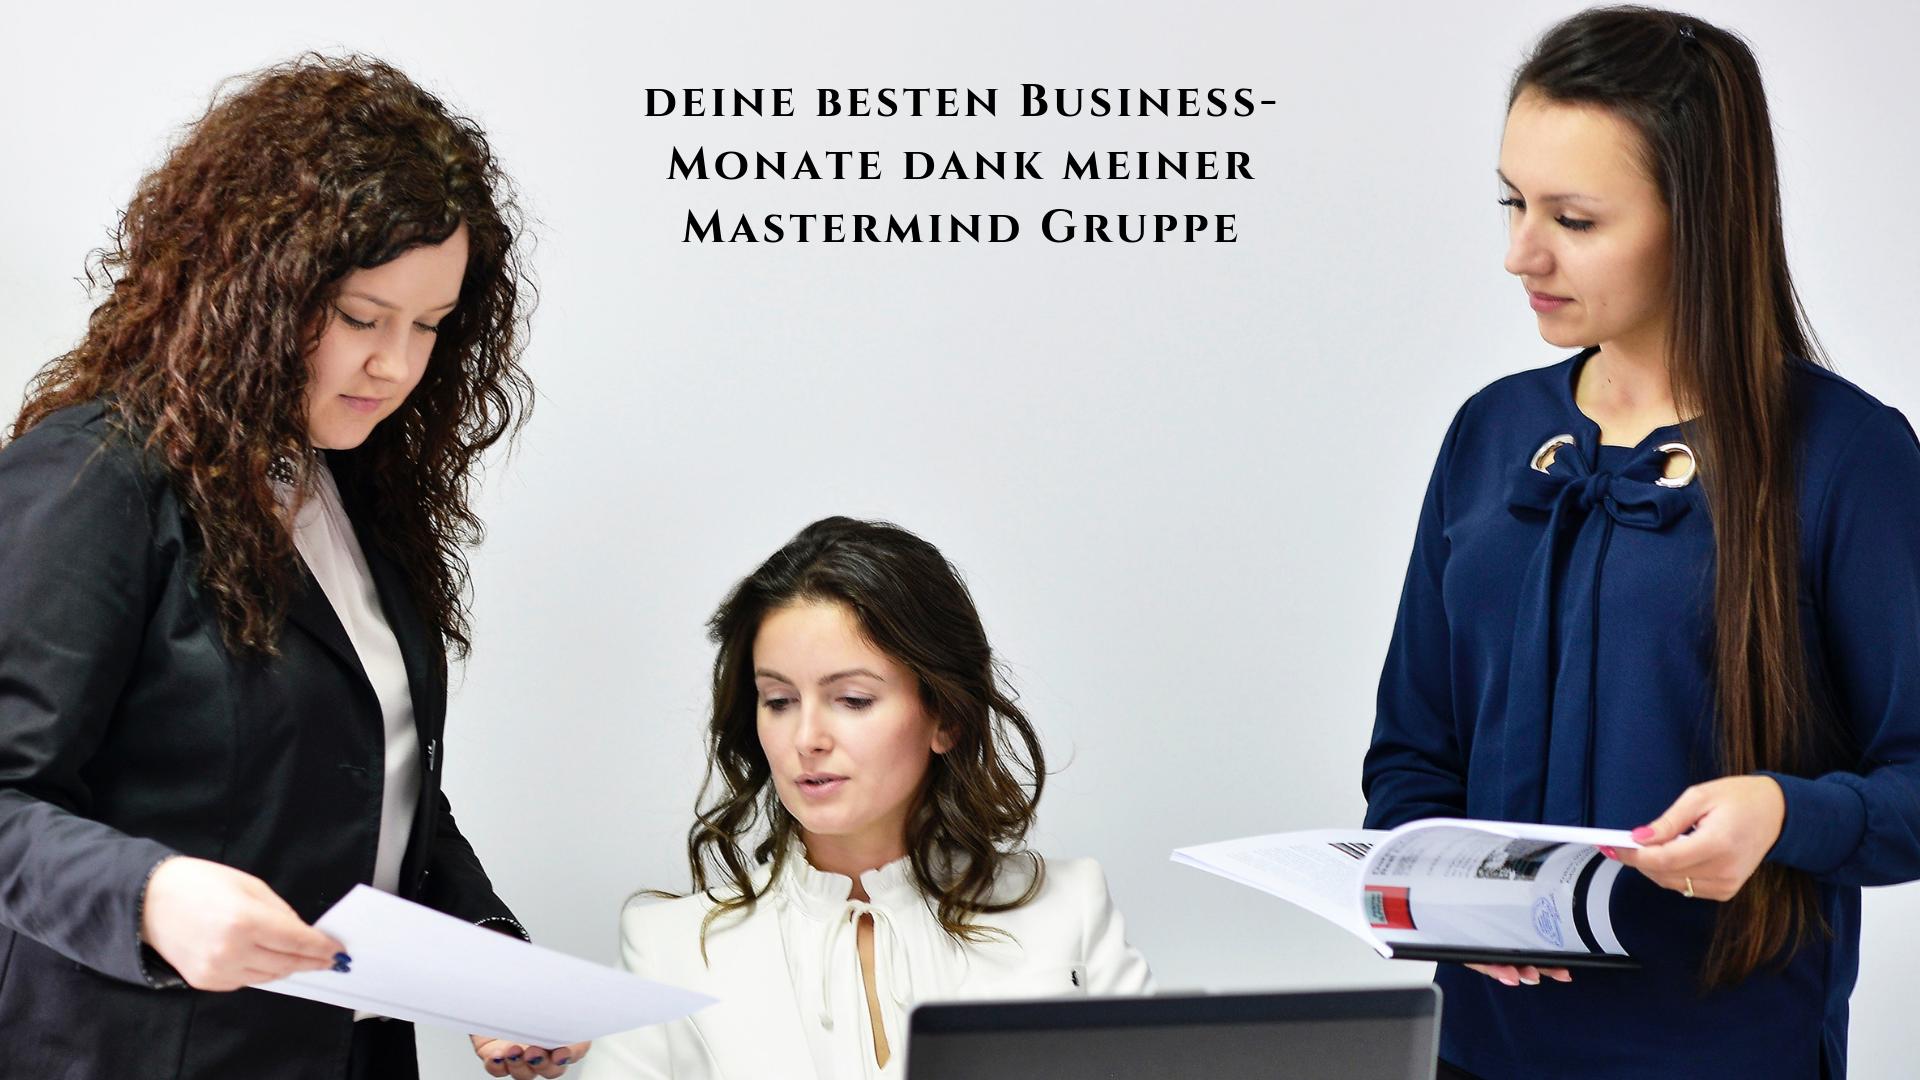 Mastermind Gruppe Krassi Hagedorn